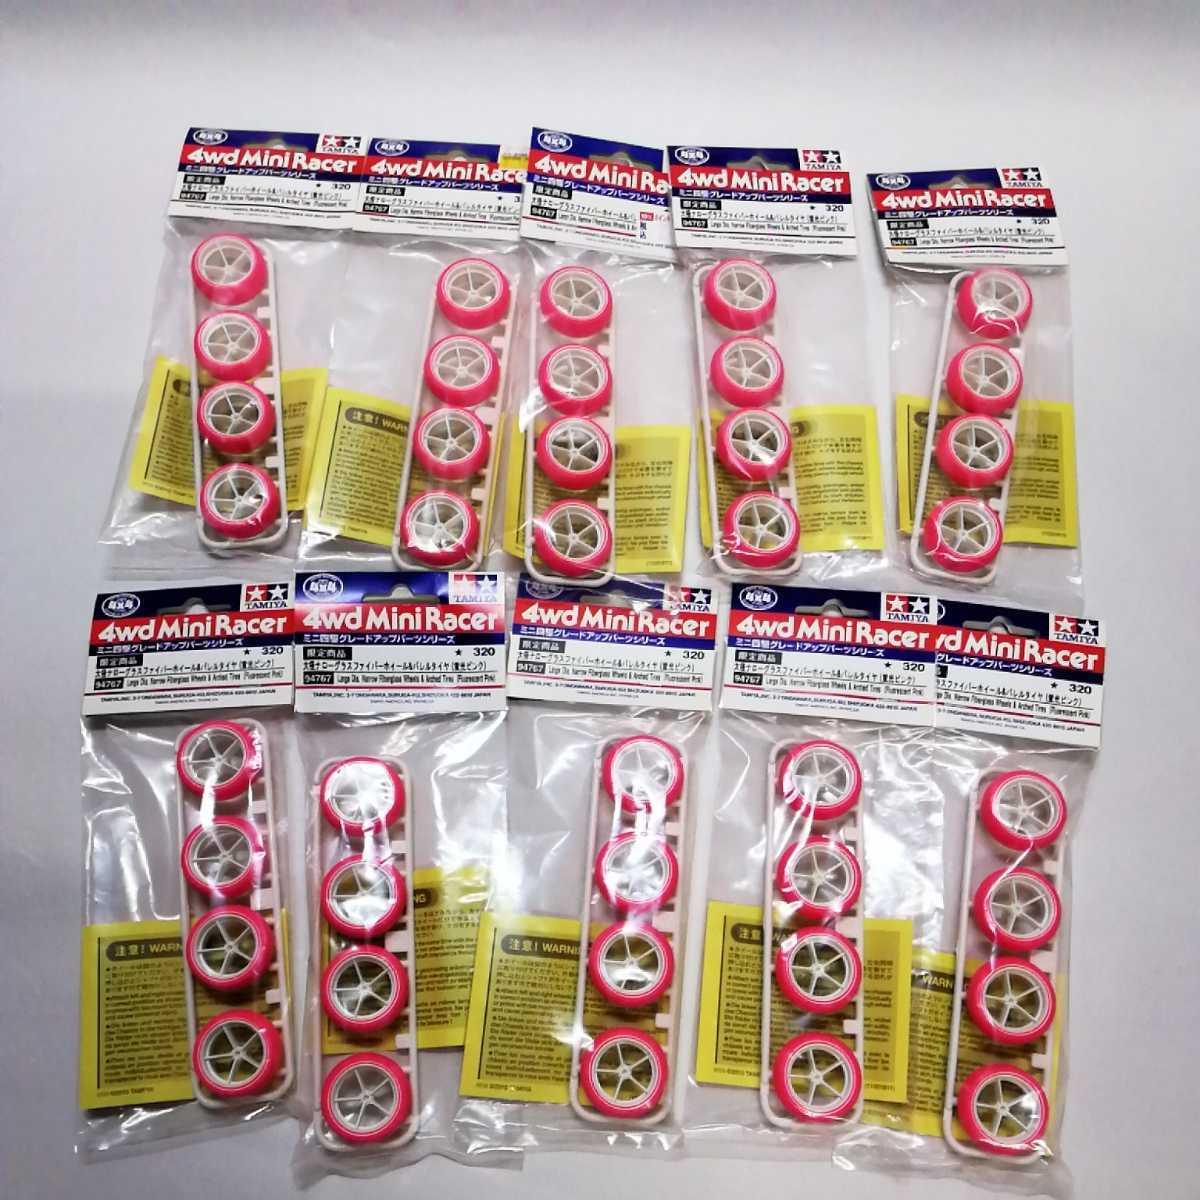 タミヤミニ四駆 グレードアップ パーツ 大径ナローグラスファイバーホイール&バレルタイヤ蛍光ピンク 10個セット_画像1